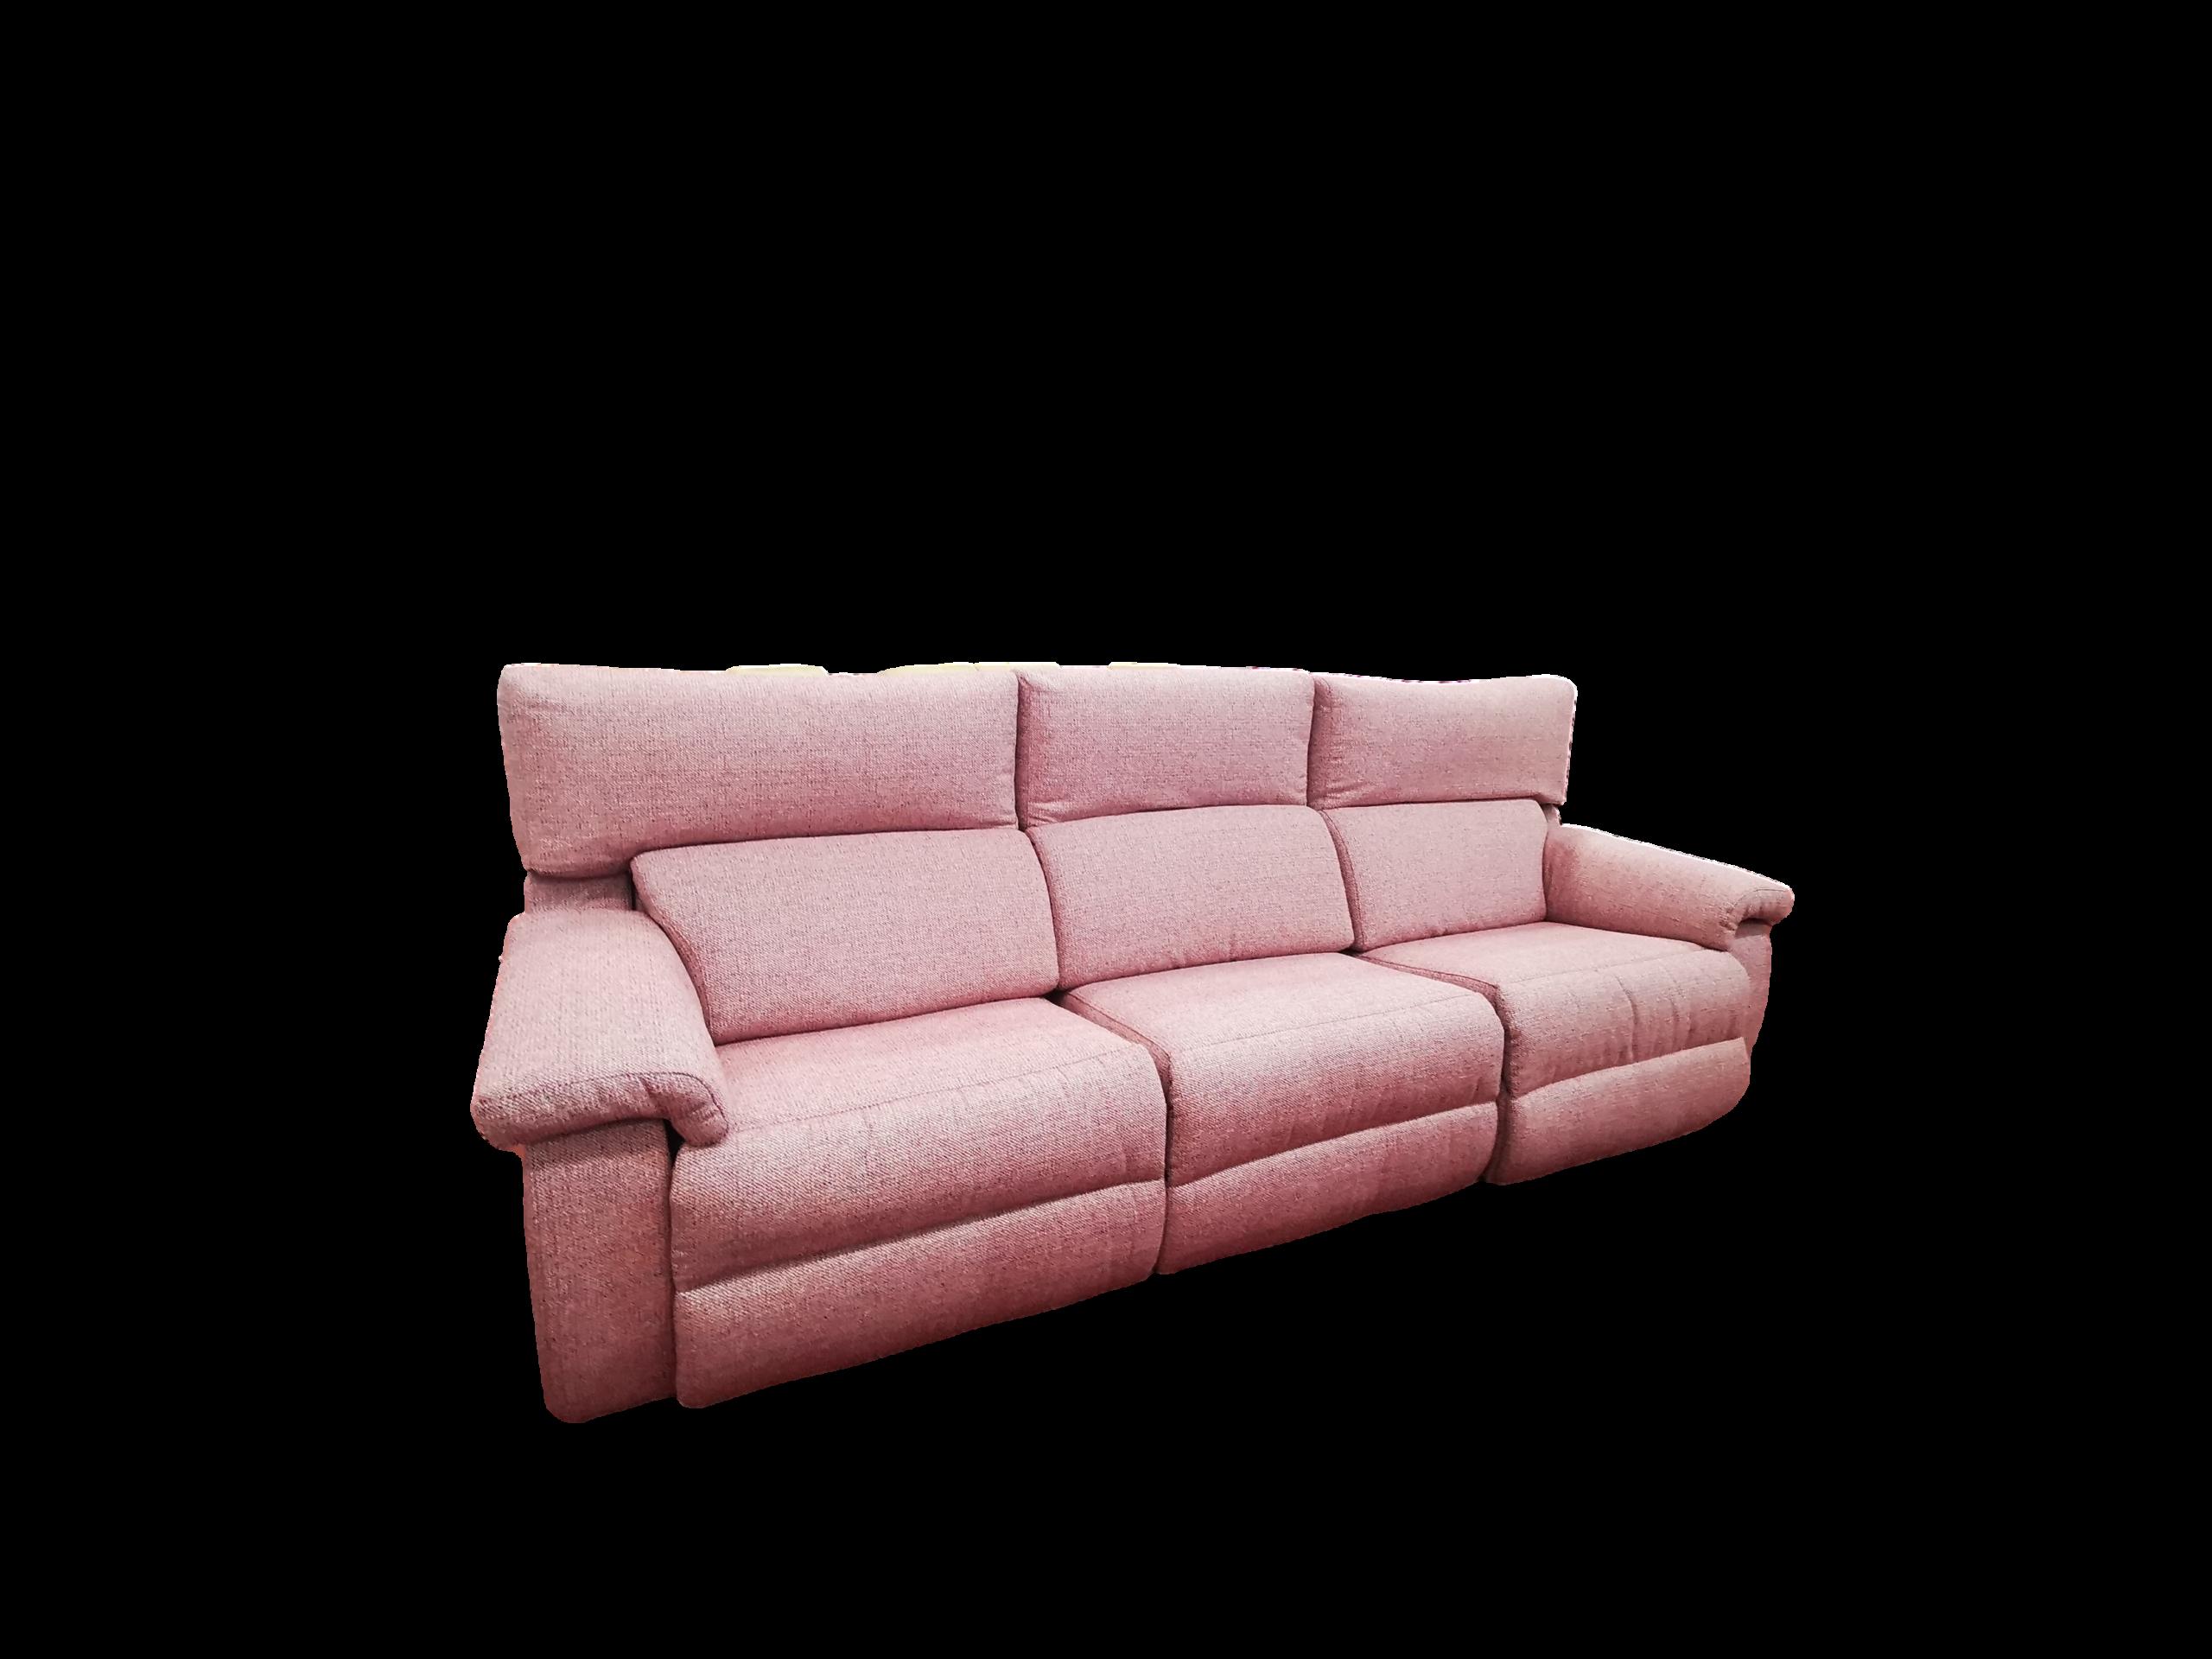 sofa-boom-mantas-274-mt-2-relax-electricos-1-100e